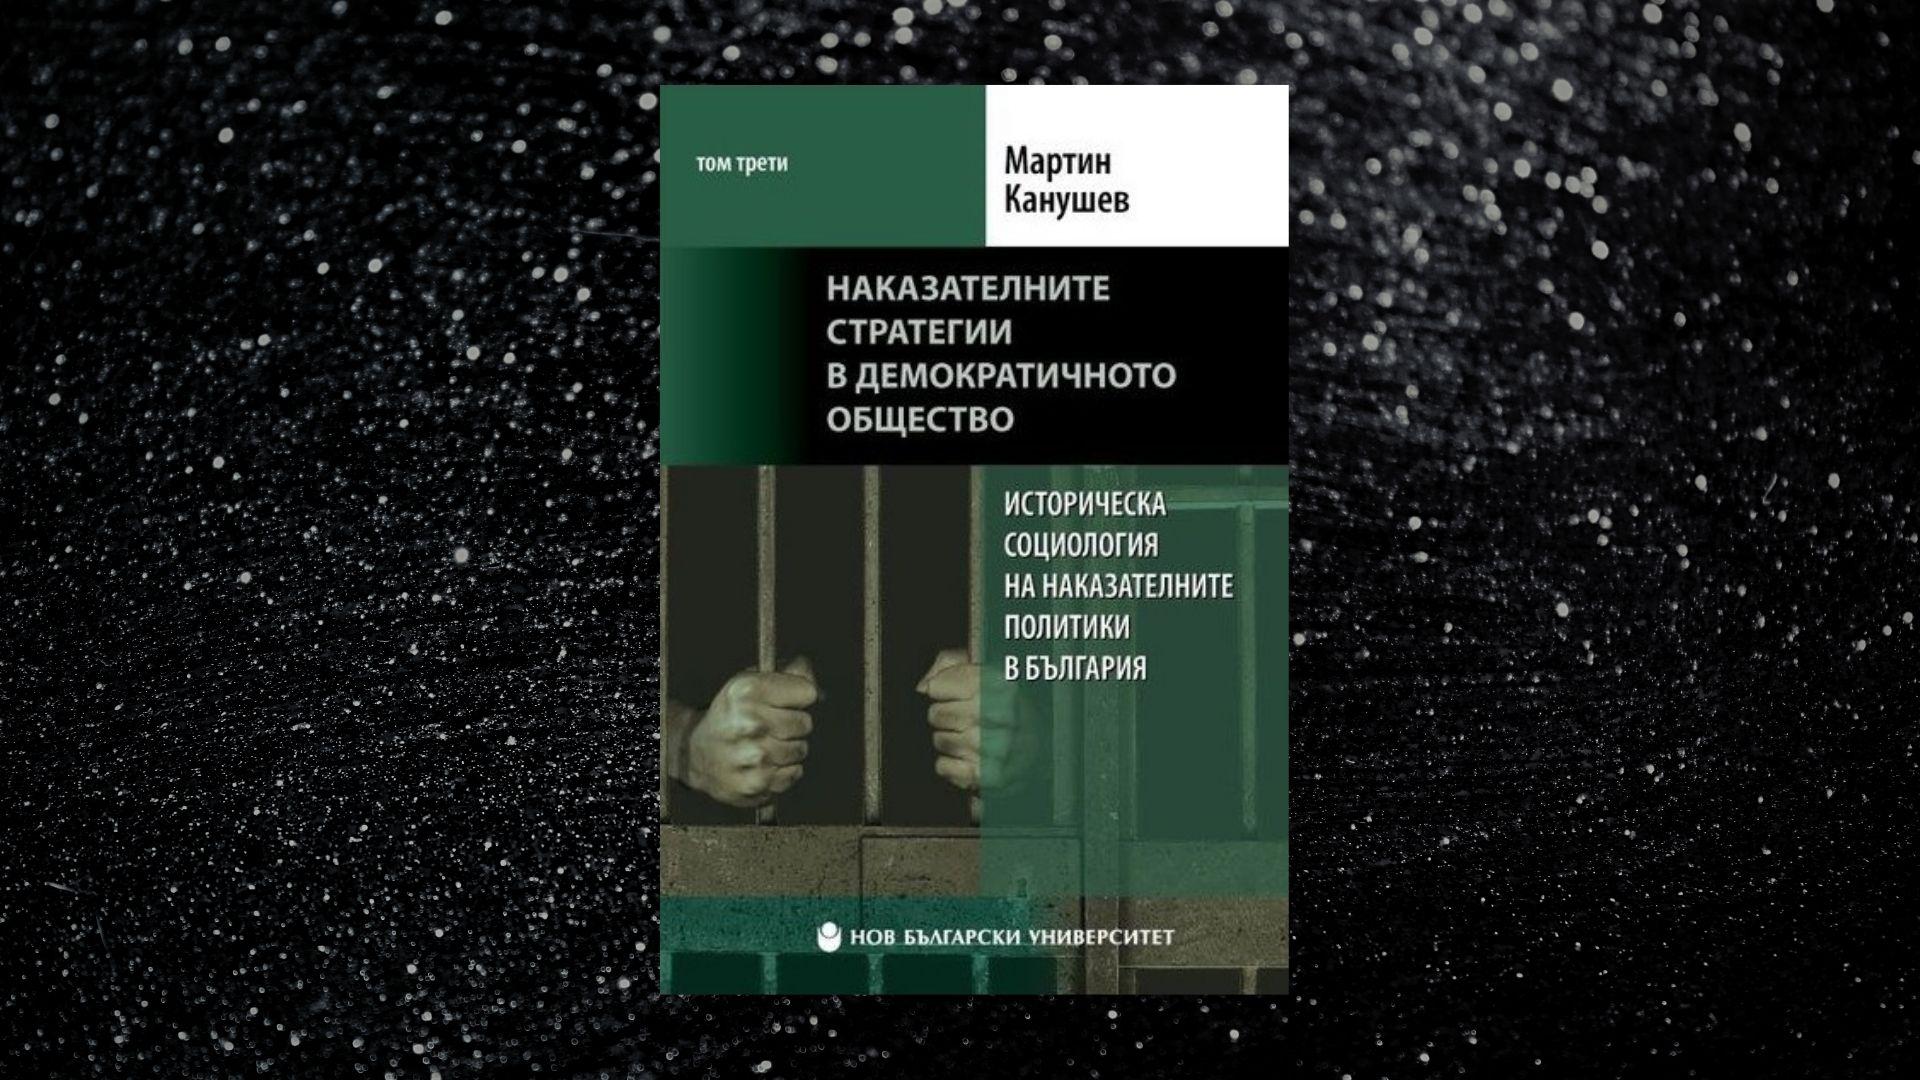 Историческа социология на наказателните политики в България: Т. 3.: Наказателните стратегии в демократичното общество